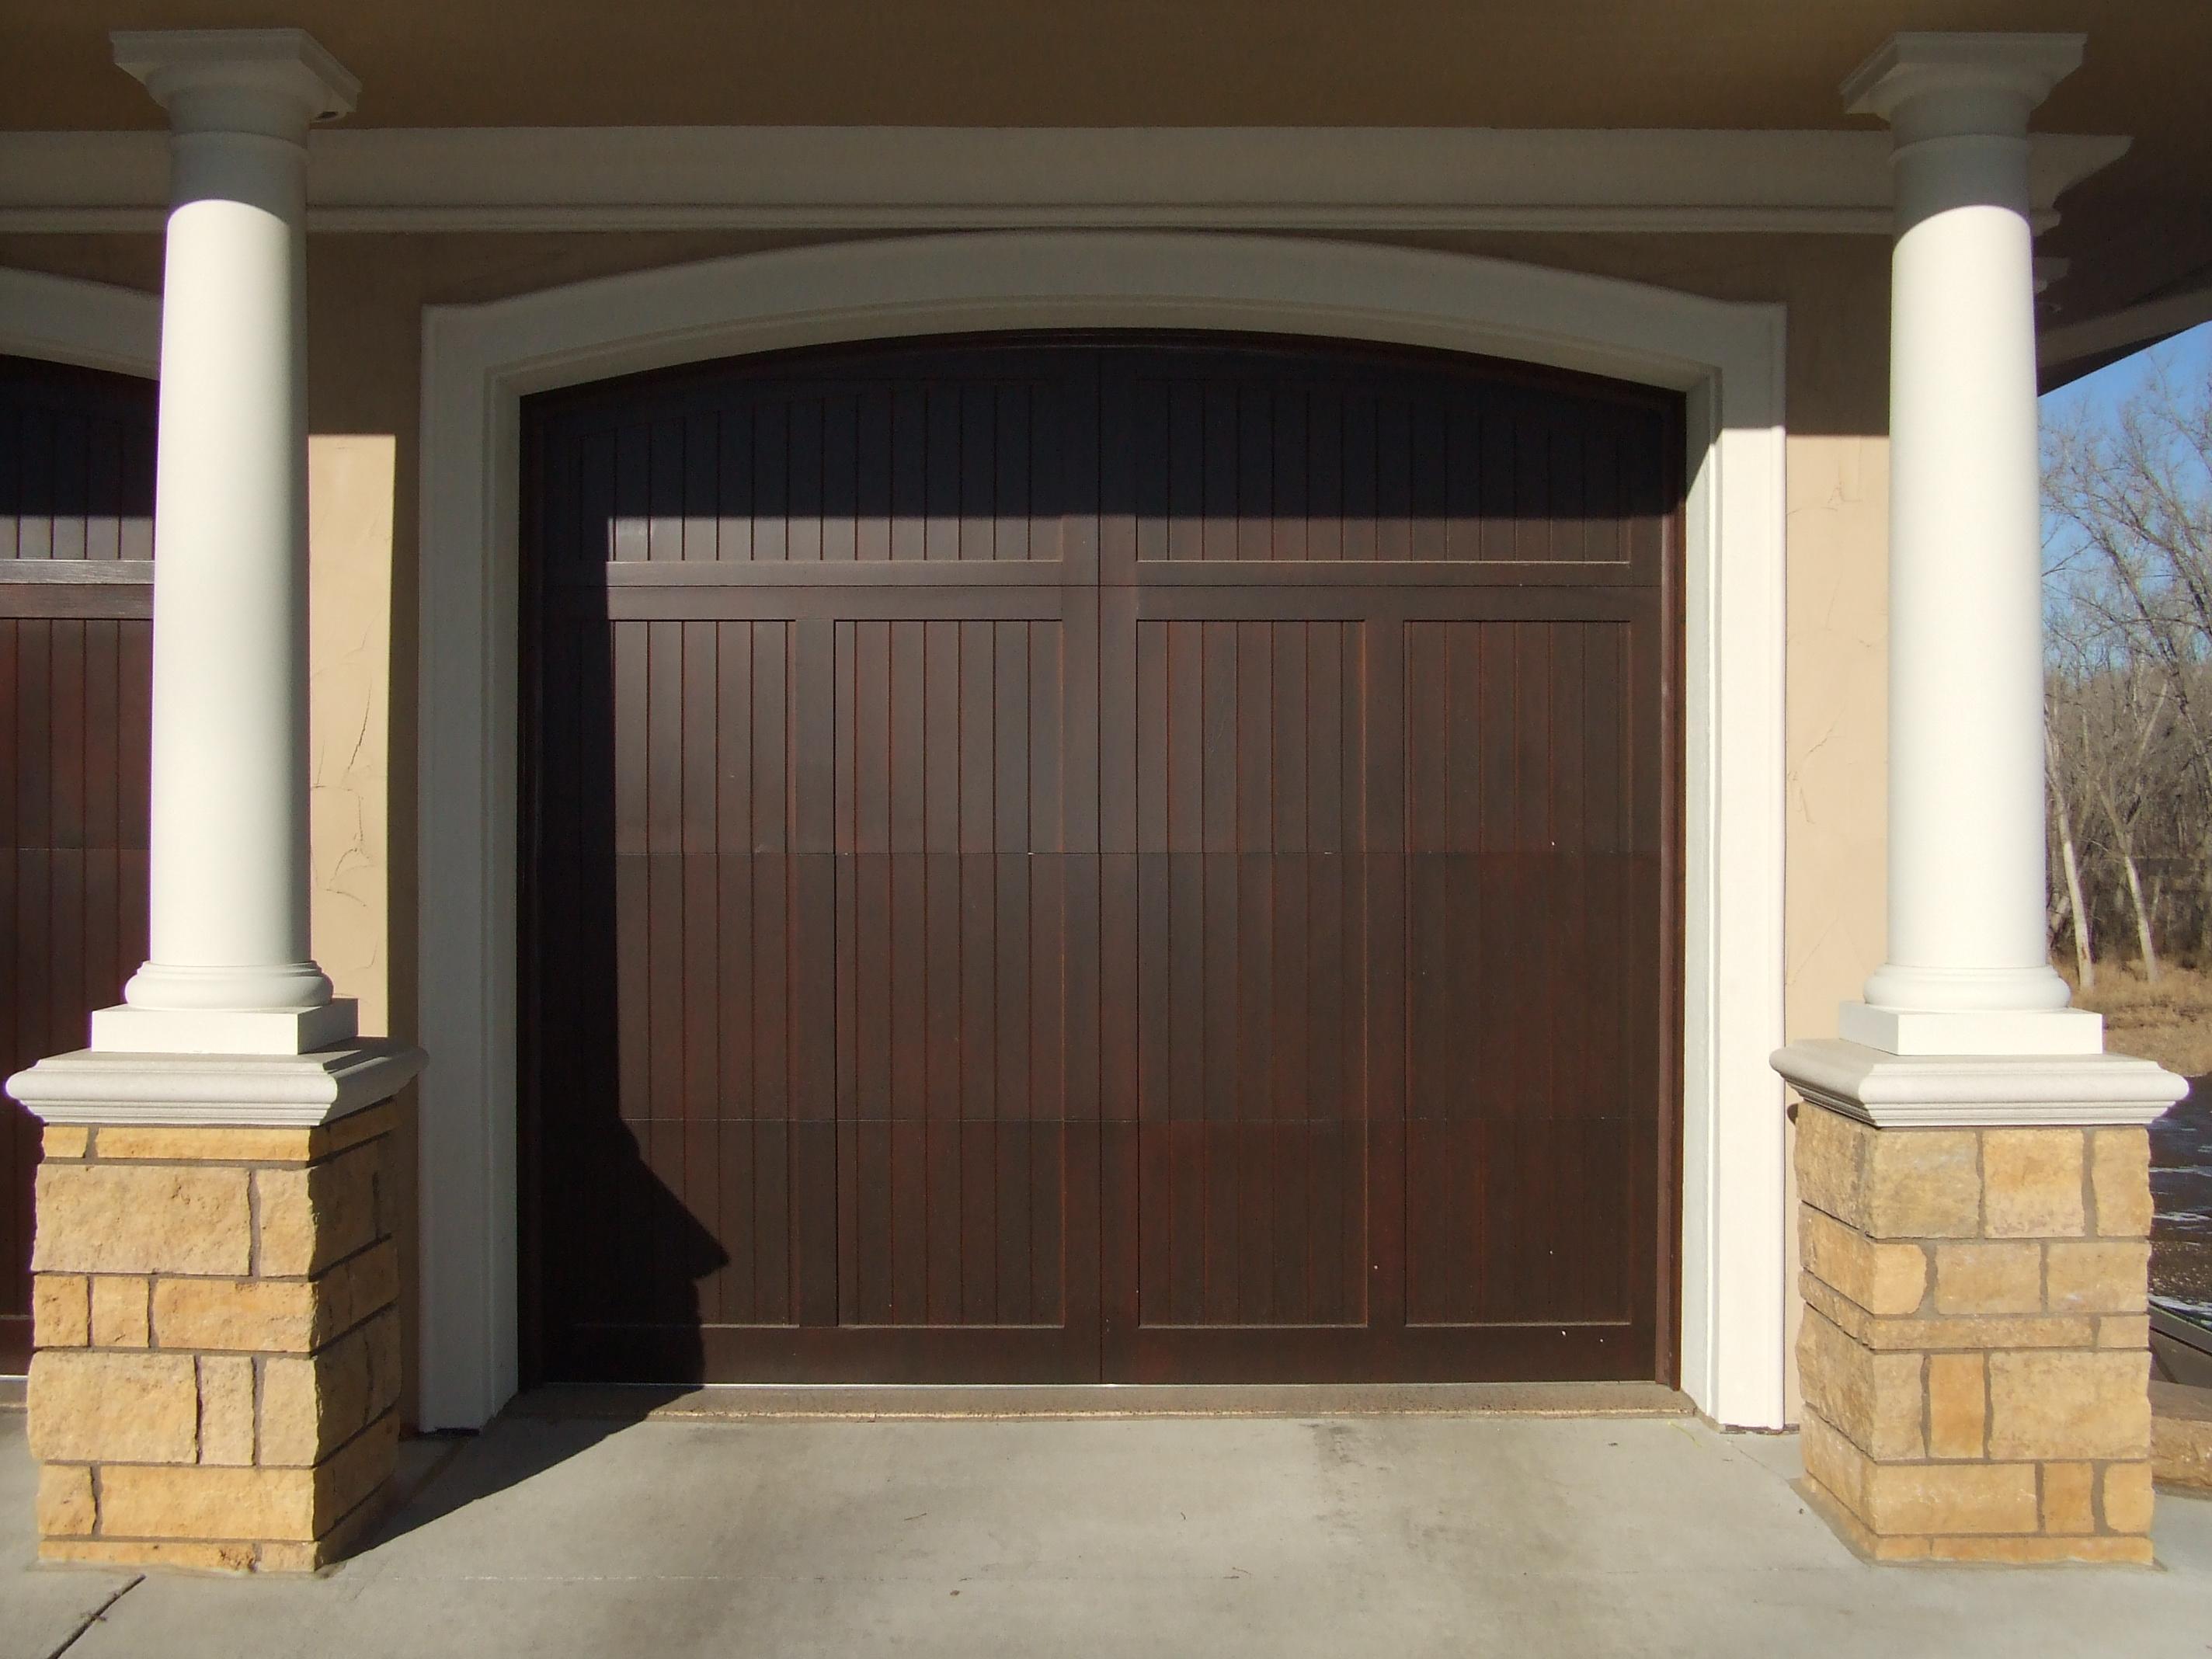 Choose Overhead Door Of Sioux City For Your New Garage Door [Video]